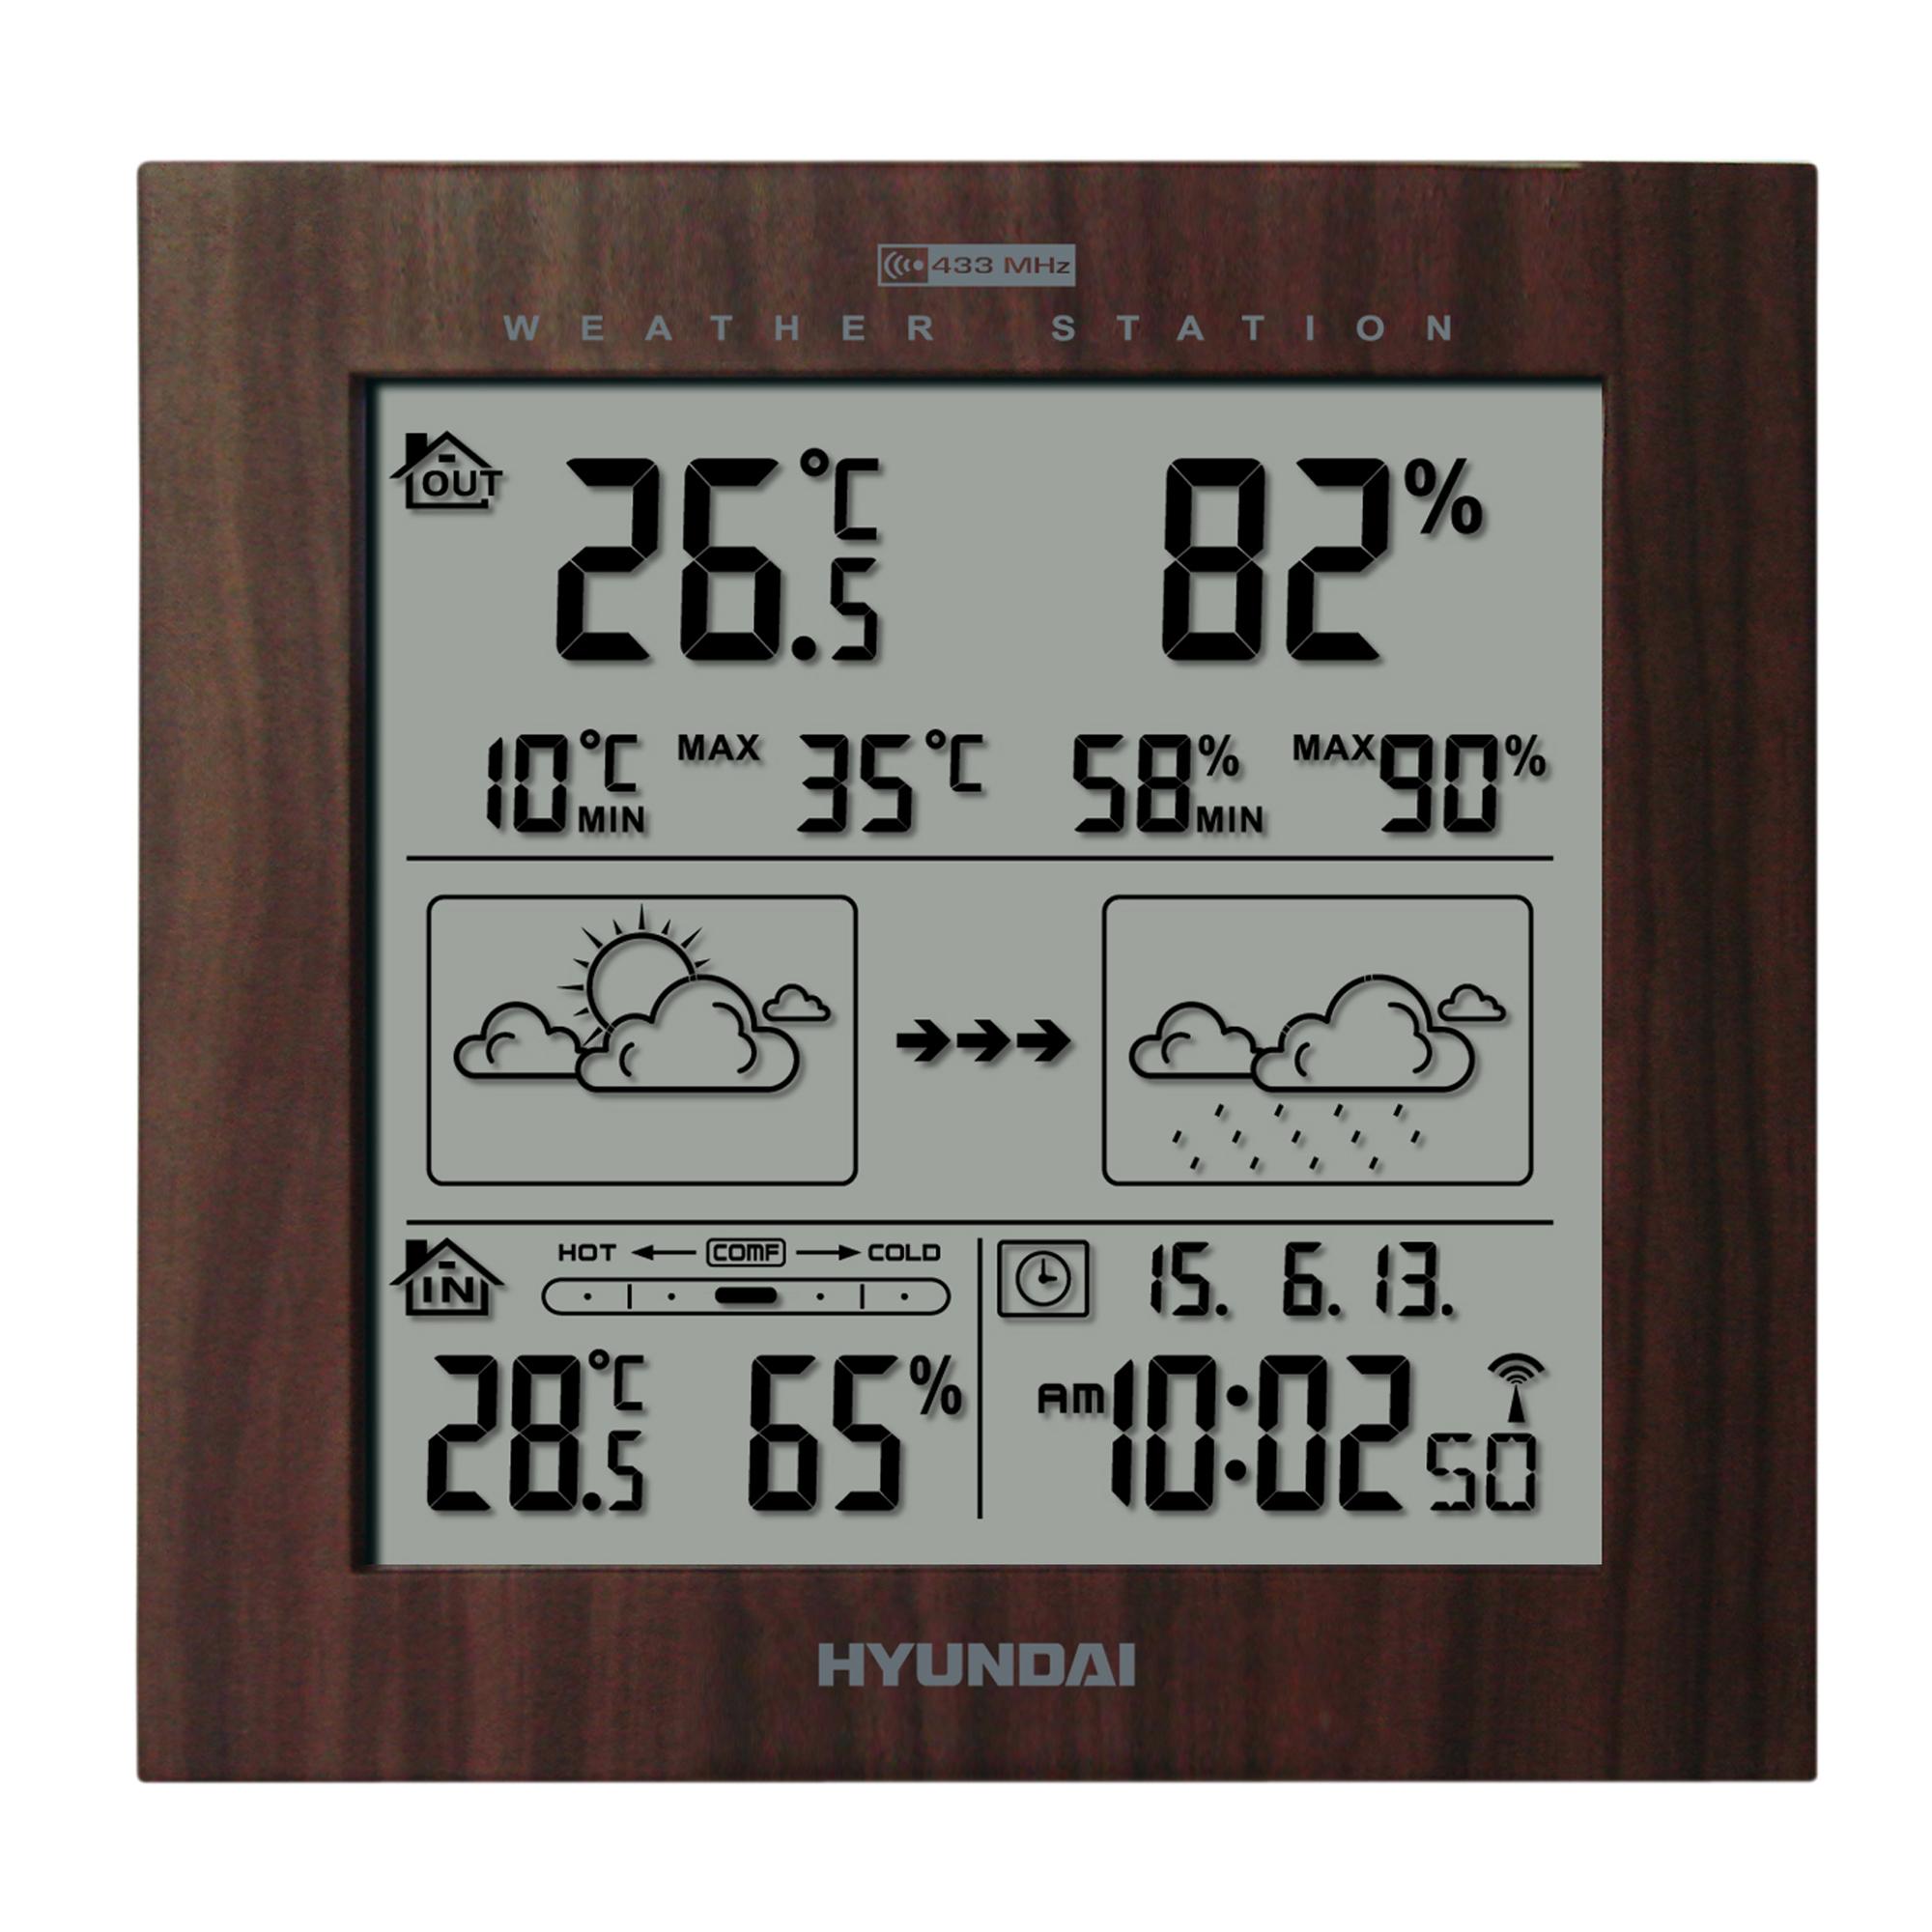 Menší meteostanice Hyundai WS 2244 zobrazuje přesný čas, vnitřní i venkovní teplotu a vlhkost vzduch...